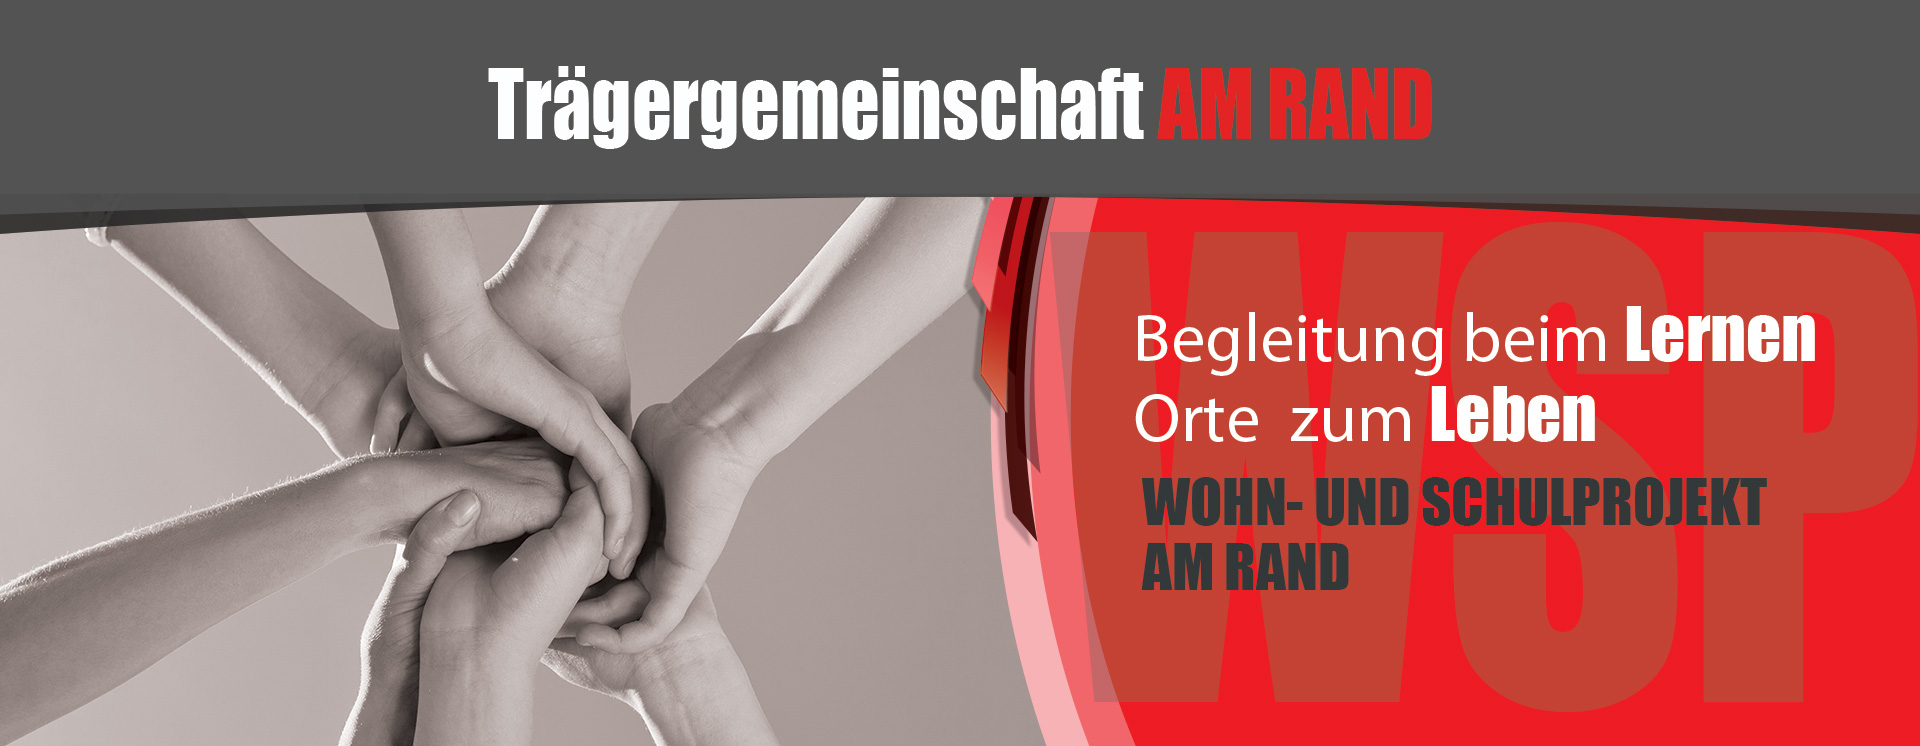 flyer4_am-rand_web